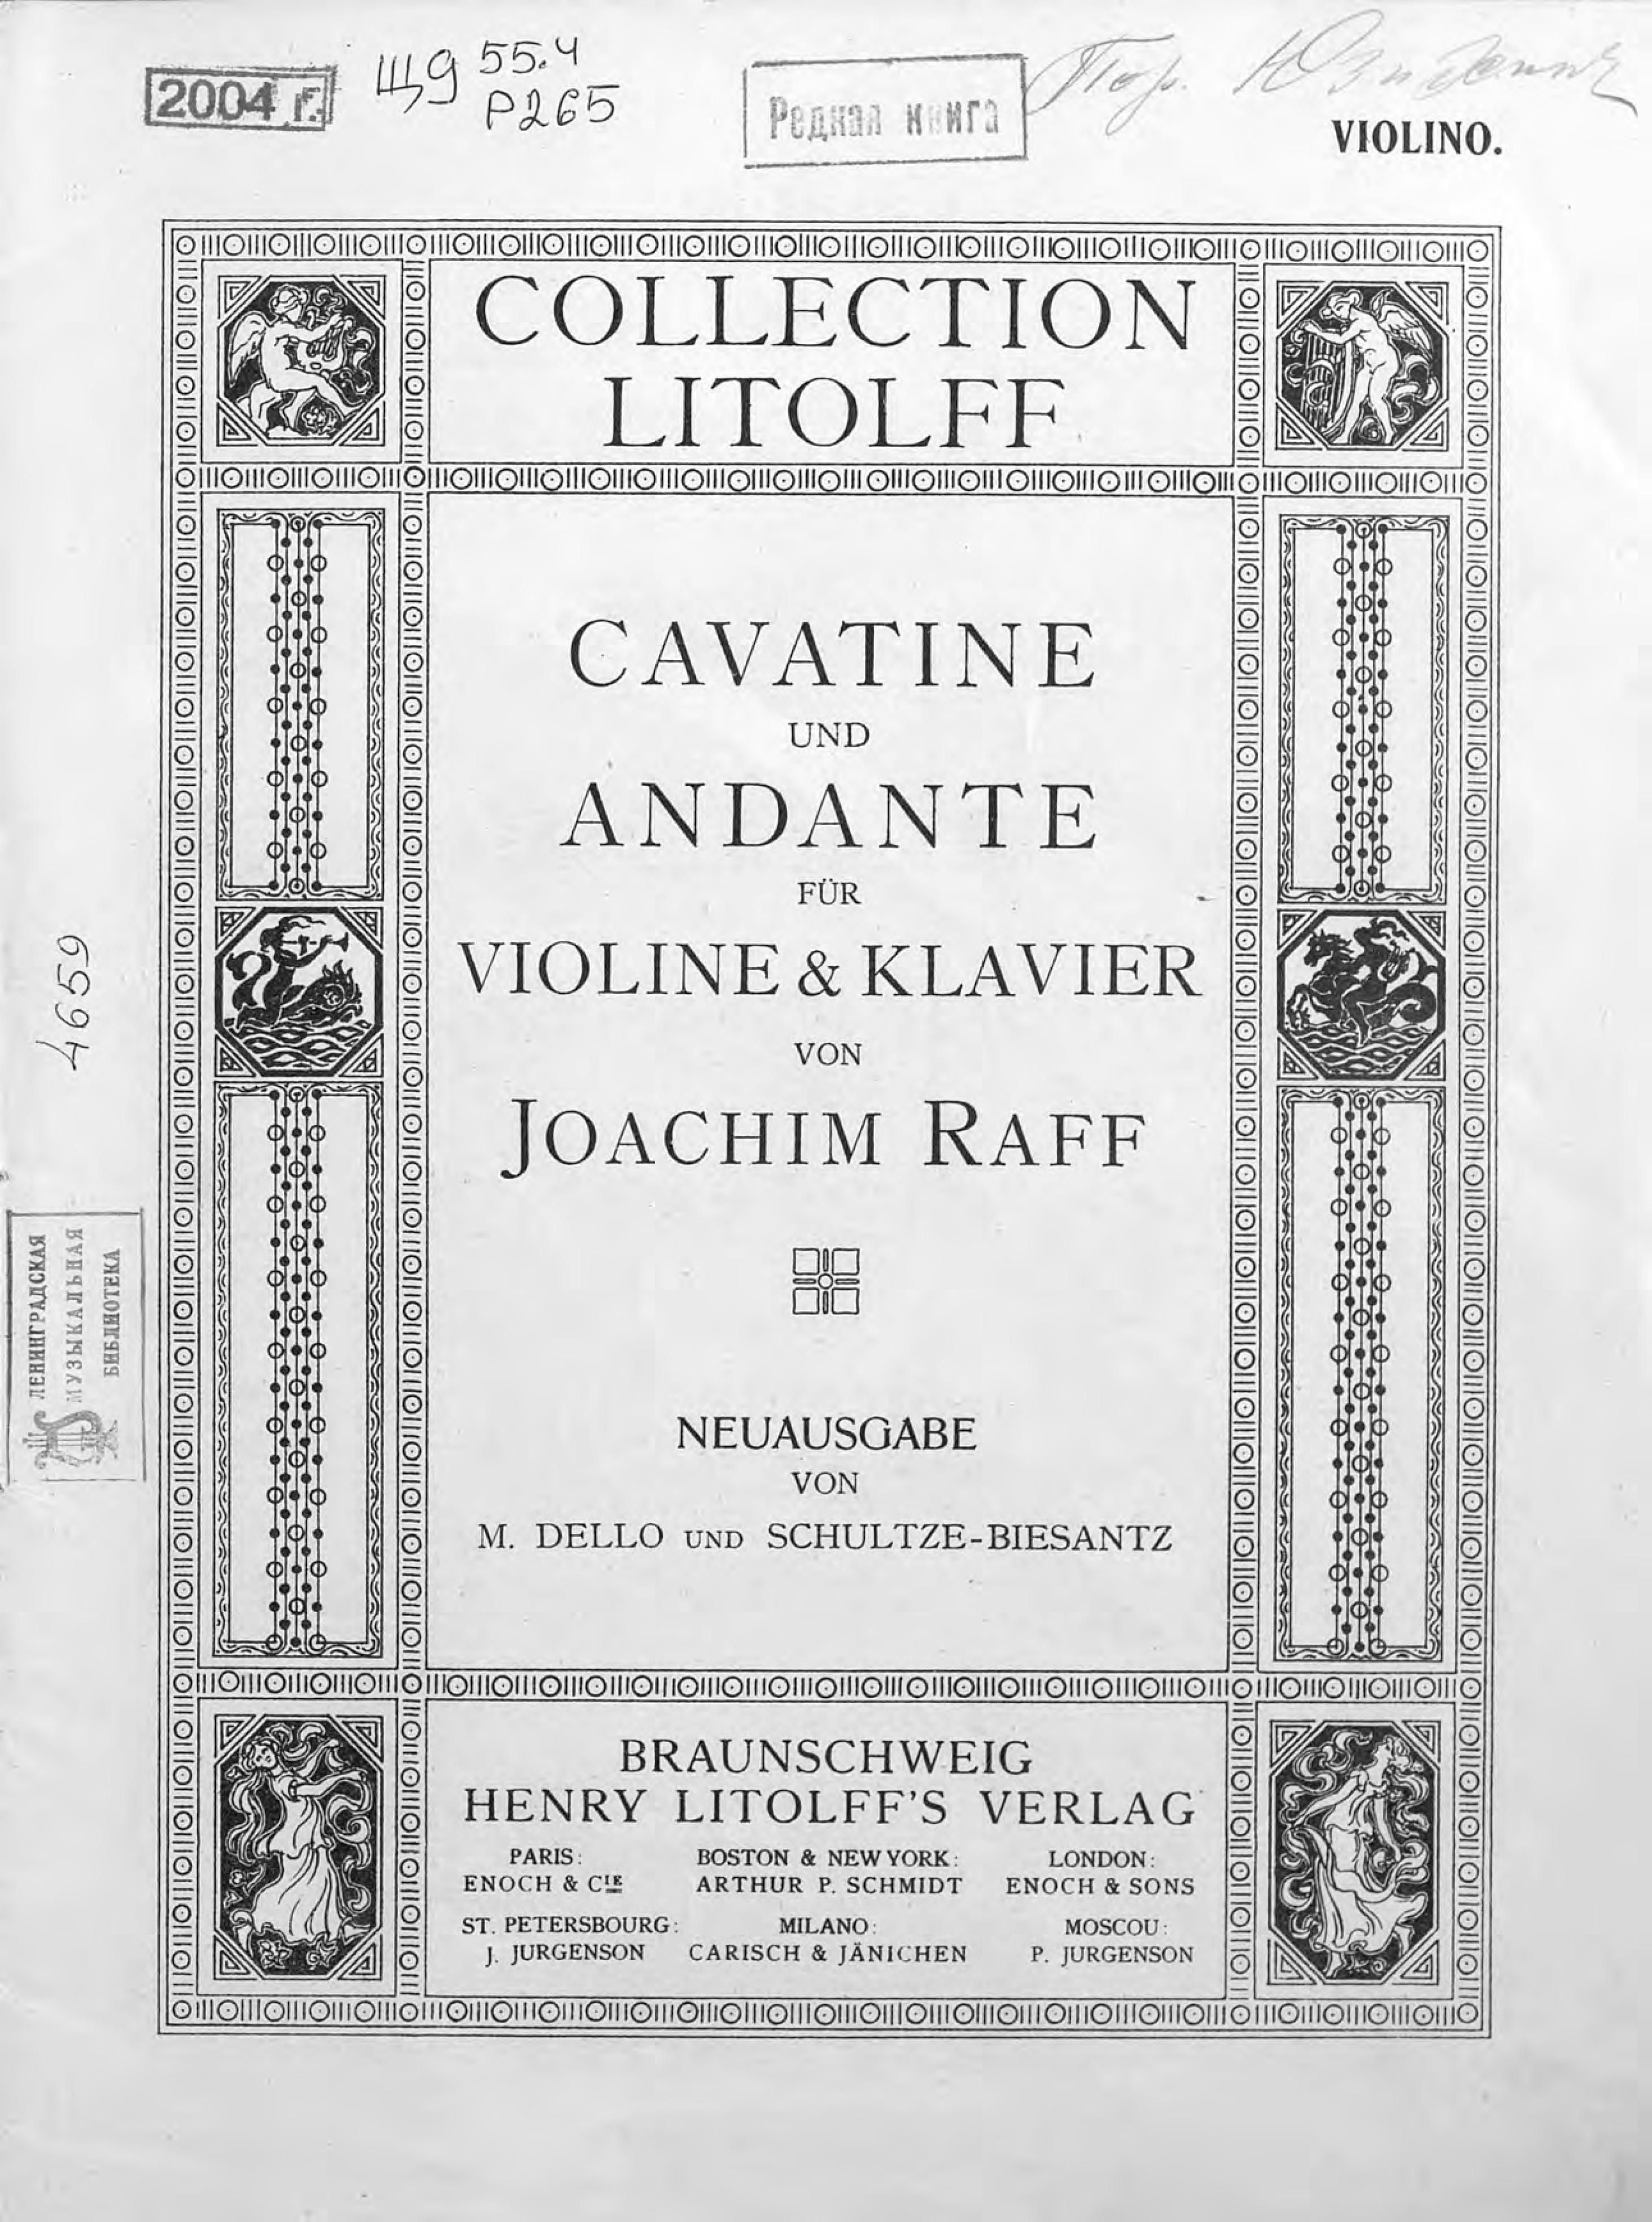 Йозеф Иоахим Рафф Cavatine, op. 85, № 3 und Andante fur violine & Klavier von J. Raff g schumann 3 stucke fur klavier op 23